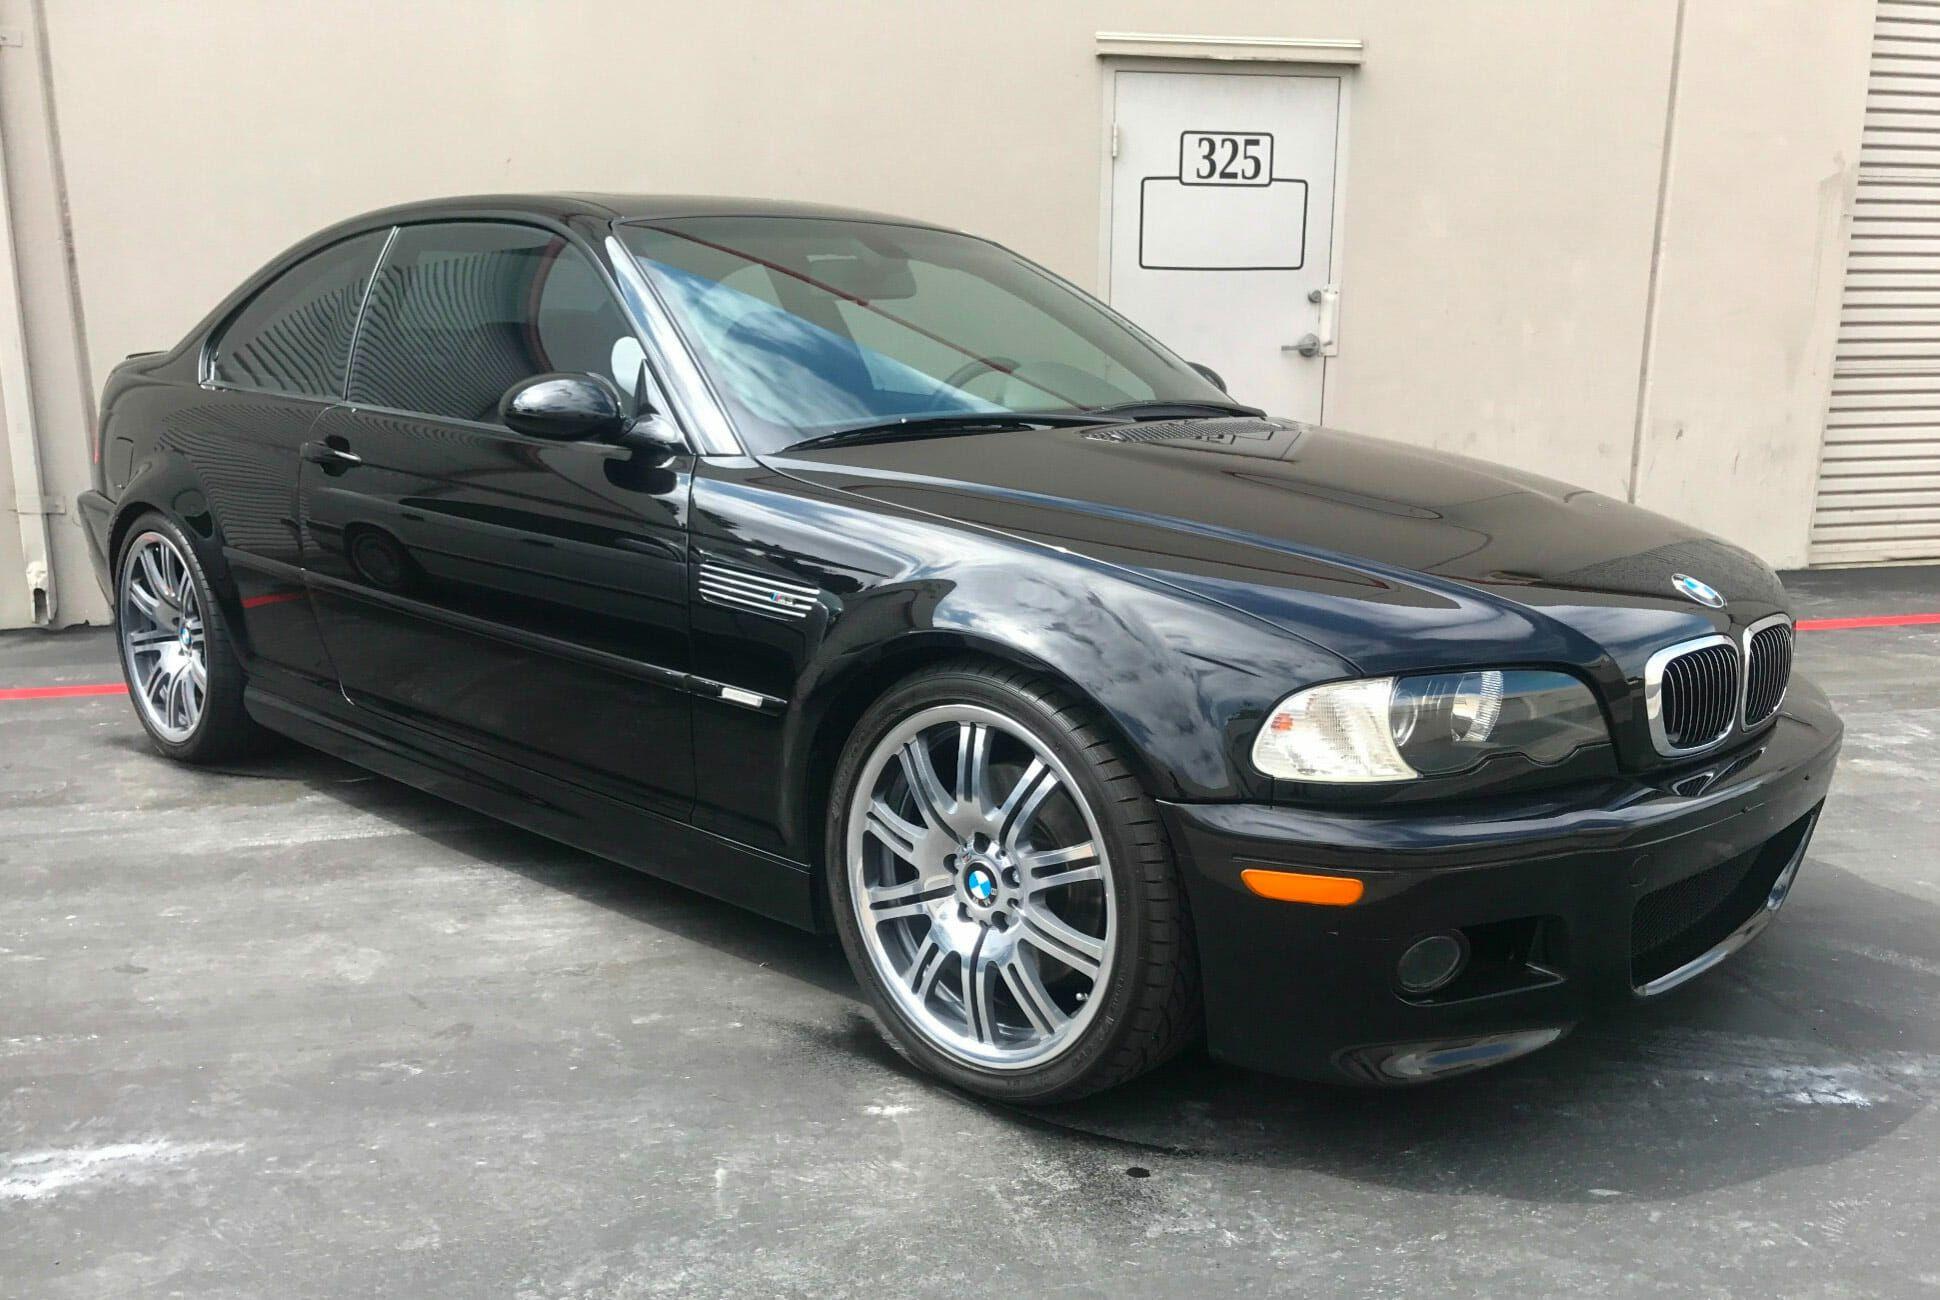 2005-Bring-a-Trailer-BMW-M3--gear-patrol-2